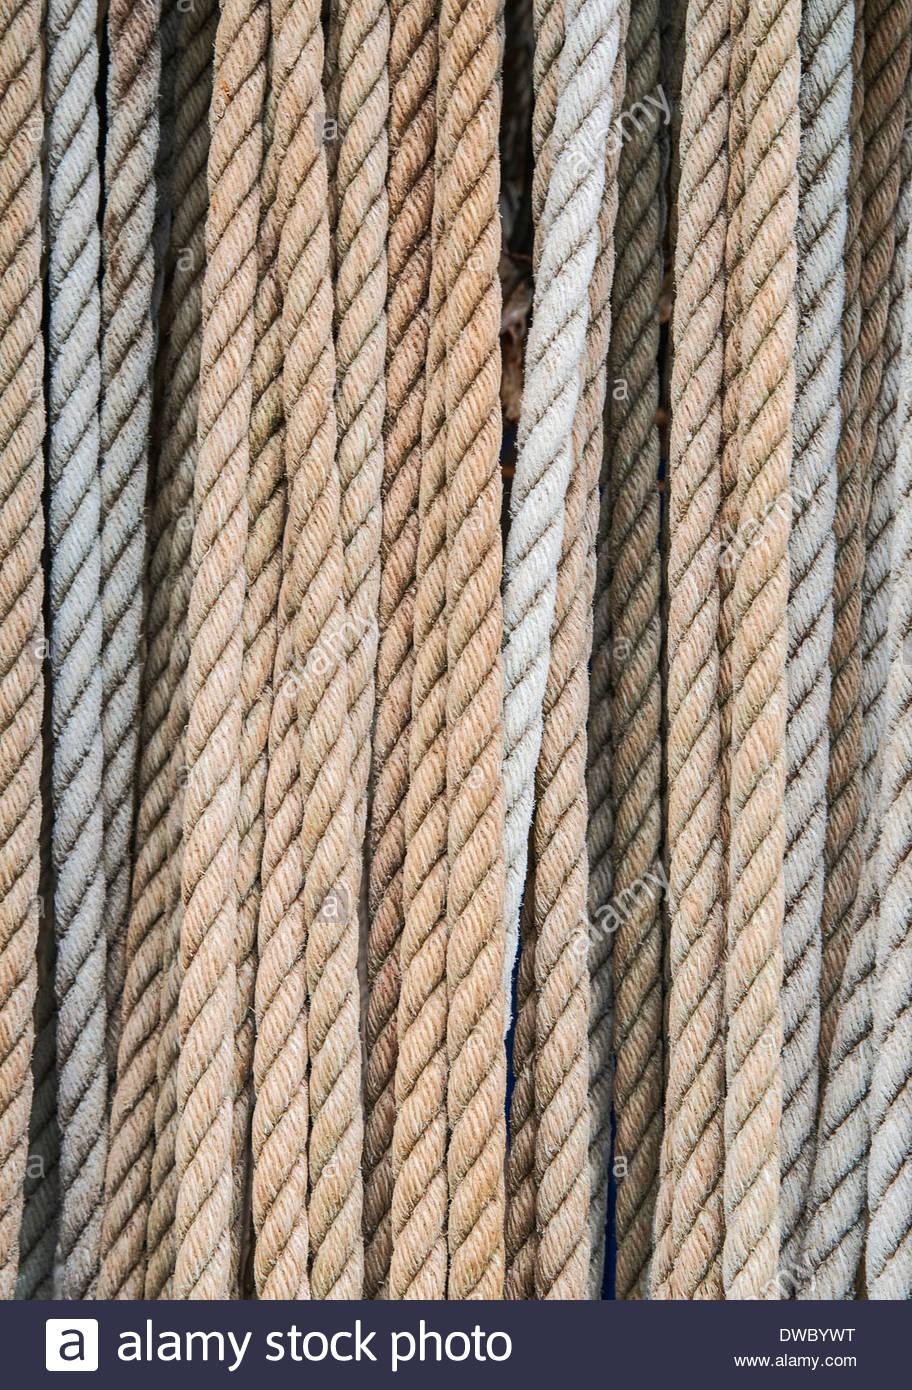 Full frame shot of ropes - Stock Image